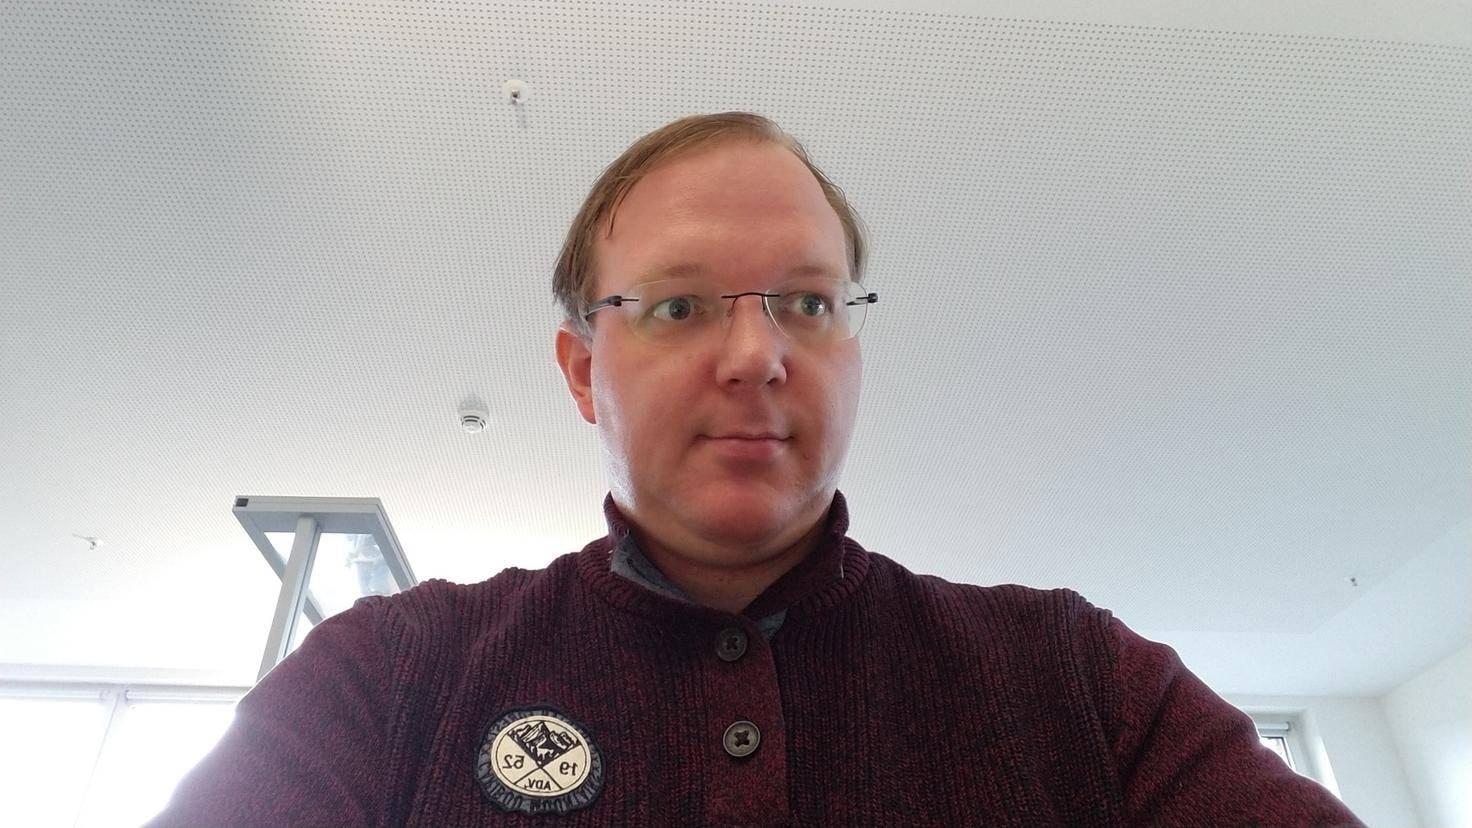 Die Webcam ist für Videokonferenzen gut zu gebrauchen.